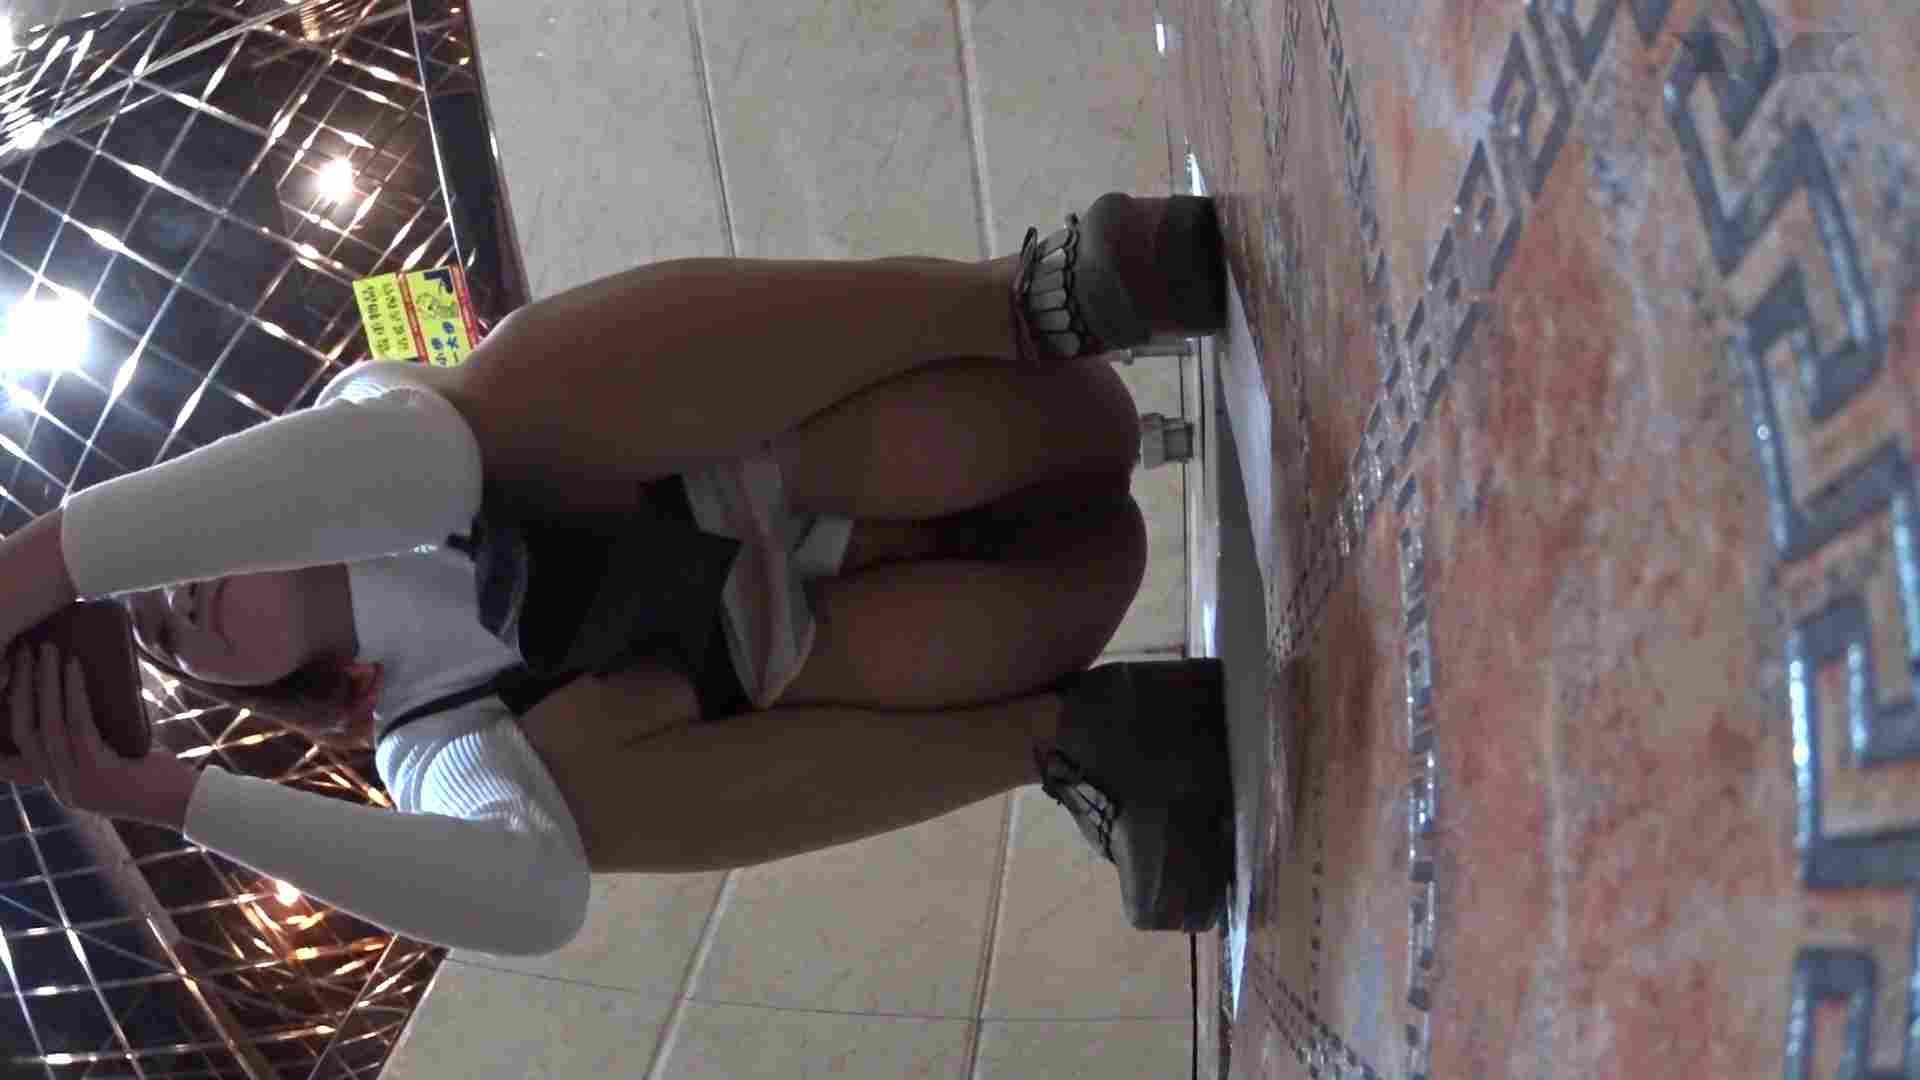 ギャルのツルピカ潜入盗撮!Vol.14 ギャル・コレクション | 盗撮エロすぎ  66連発 66